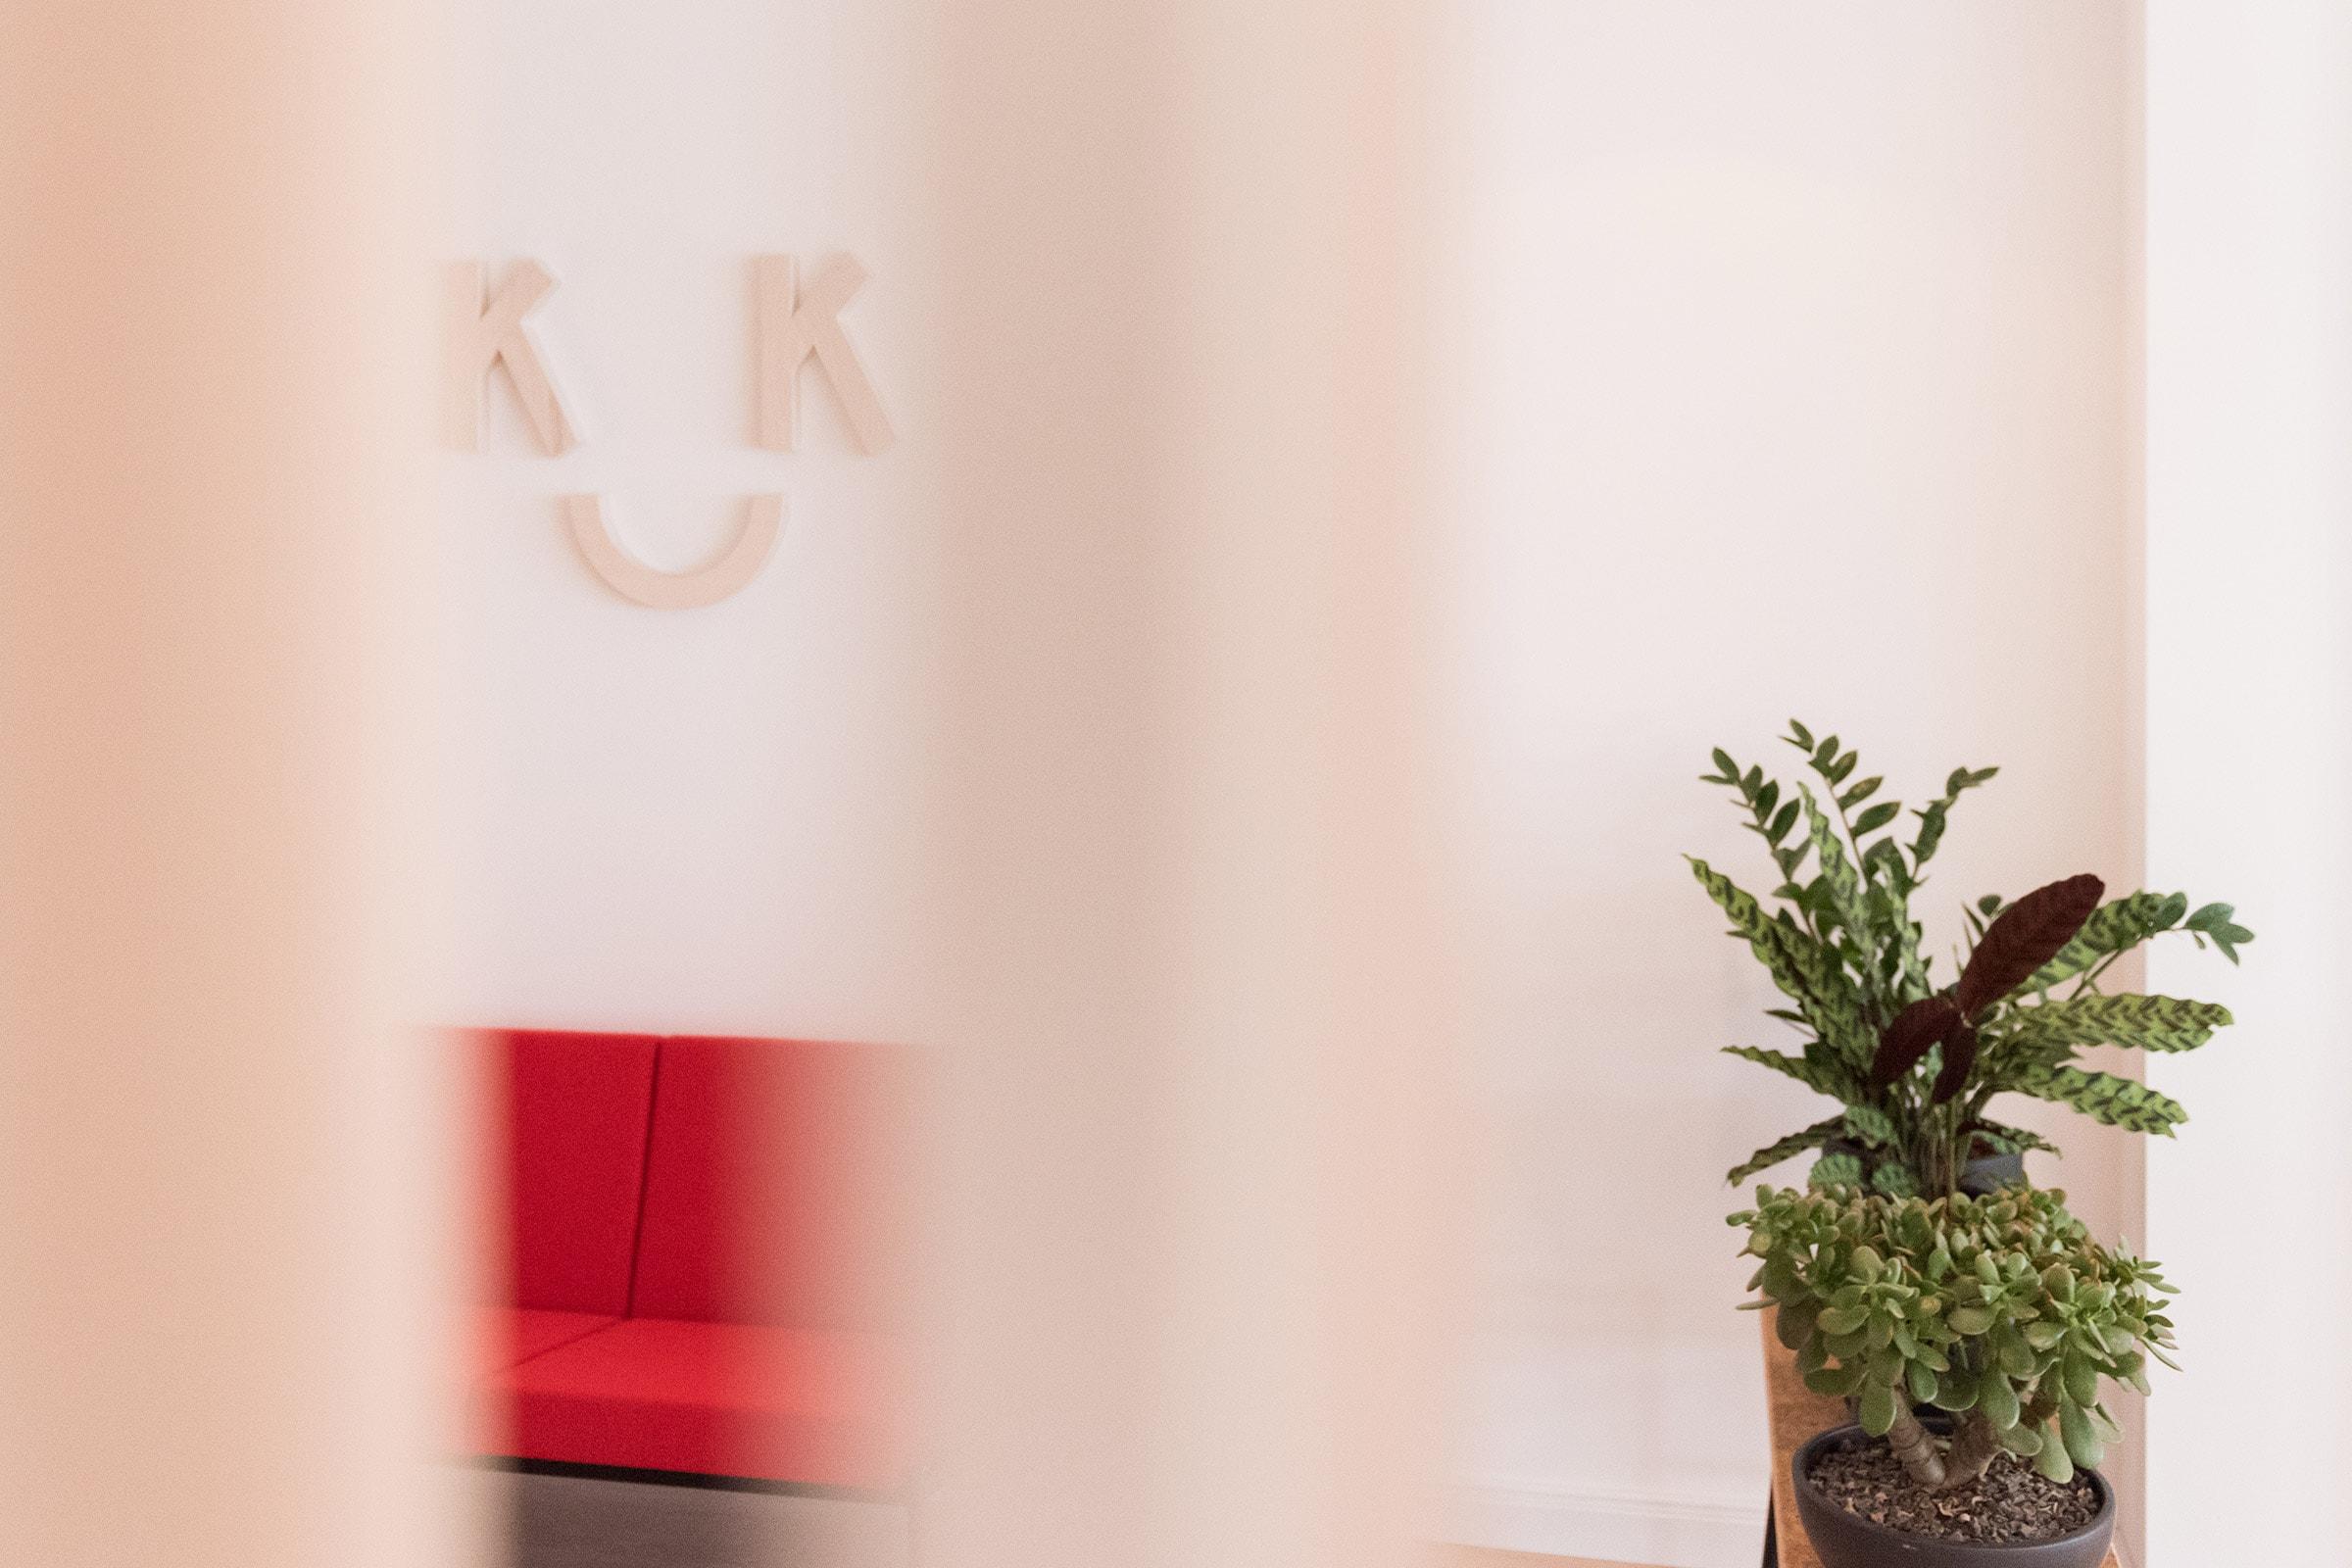 KittoKatsu, Büro, Agentur für Markenführung, Agentur für Design, KittoKatsu, Büro, Agentur für Markenführung, Agentur für Design, shoji